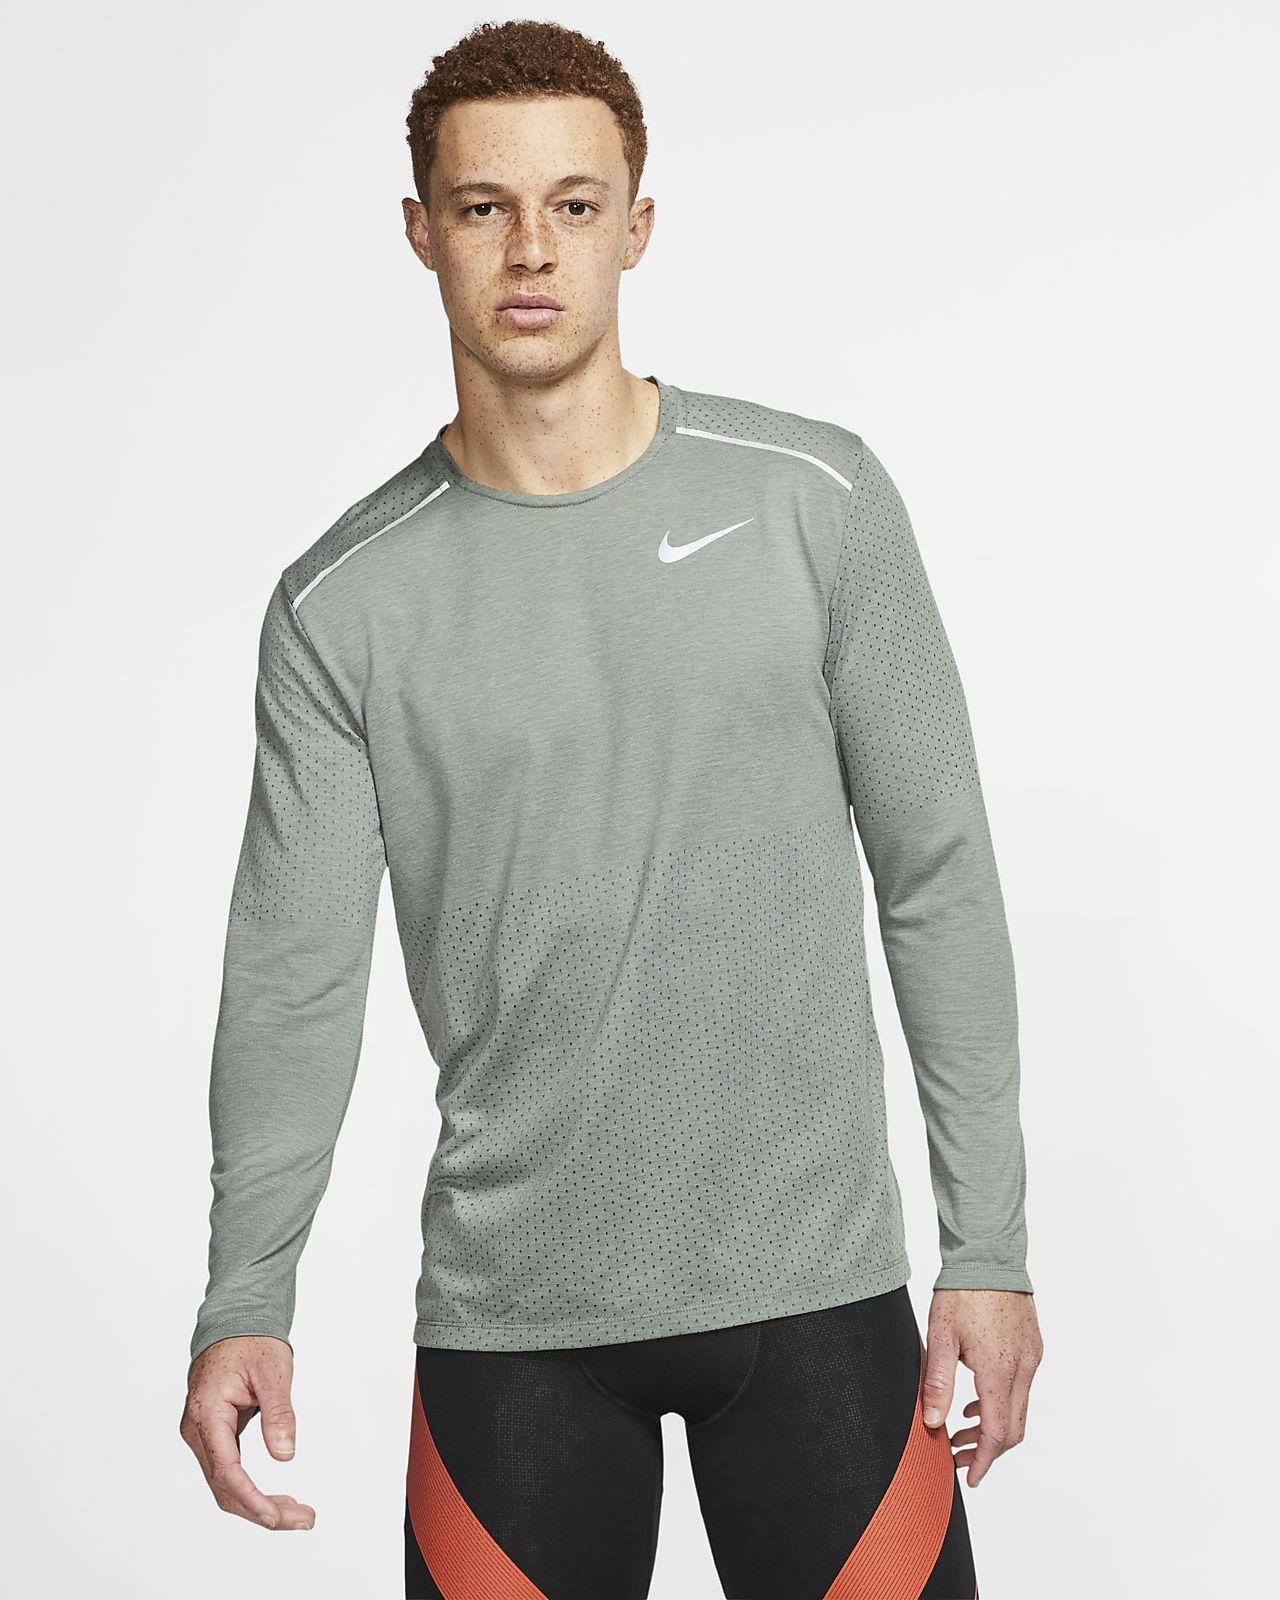 Långärmad löpartröja Nike Rise 365 för män